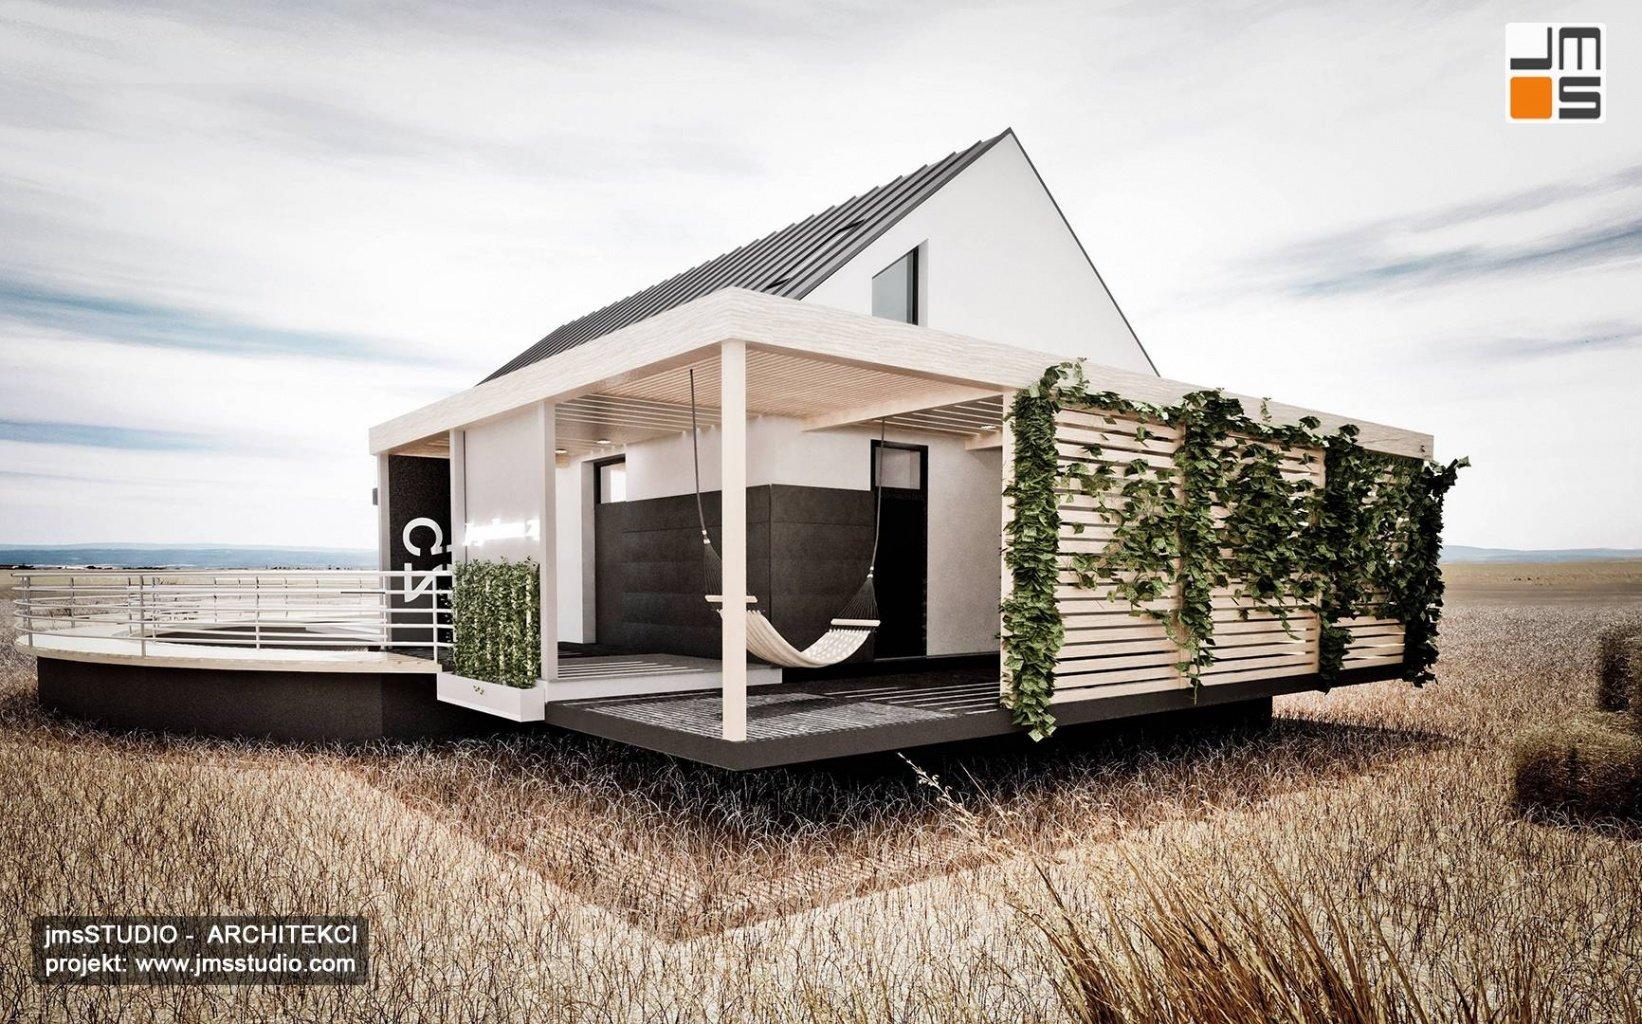 Architekt Katowice - Projekt nowoczesnego domu modułowego na wsi na Śląsku - elewacja z blachy na rąbek taras z pergolą i żaluzjami